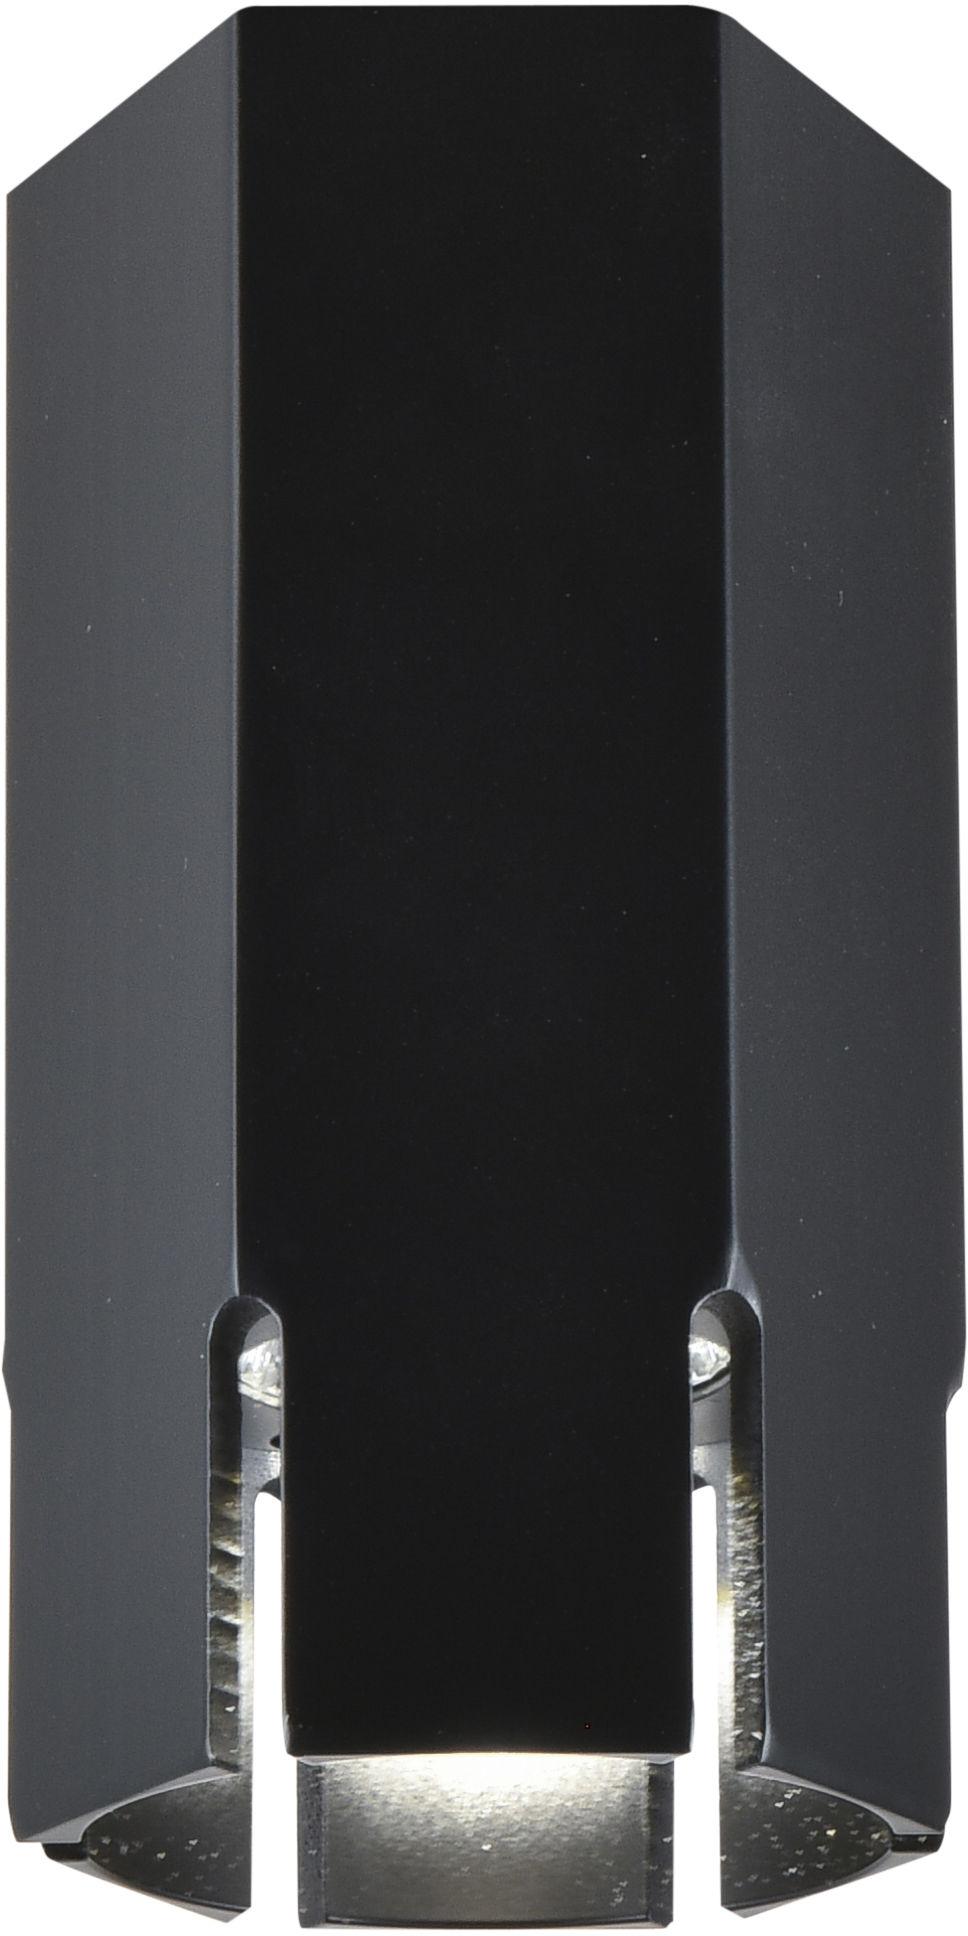 Candellux TUBA 2282831 oprawa stropowa natynkowa sześciobok czarna 1X25W GU10 12 cm